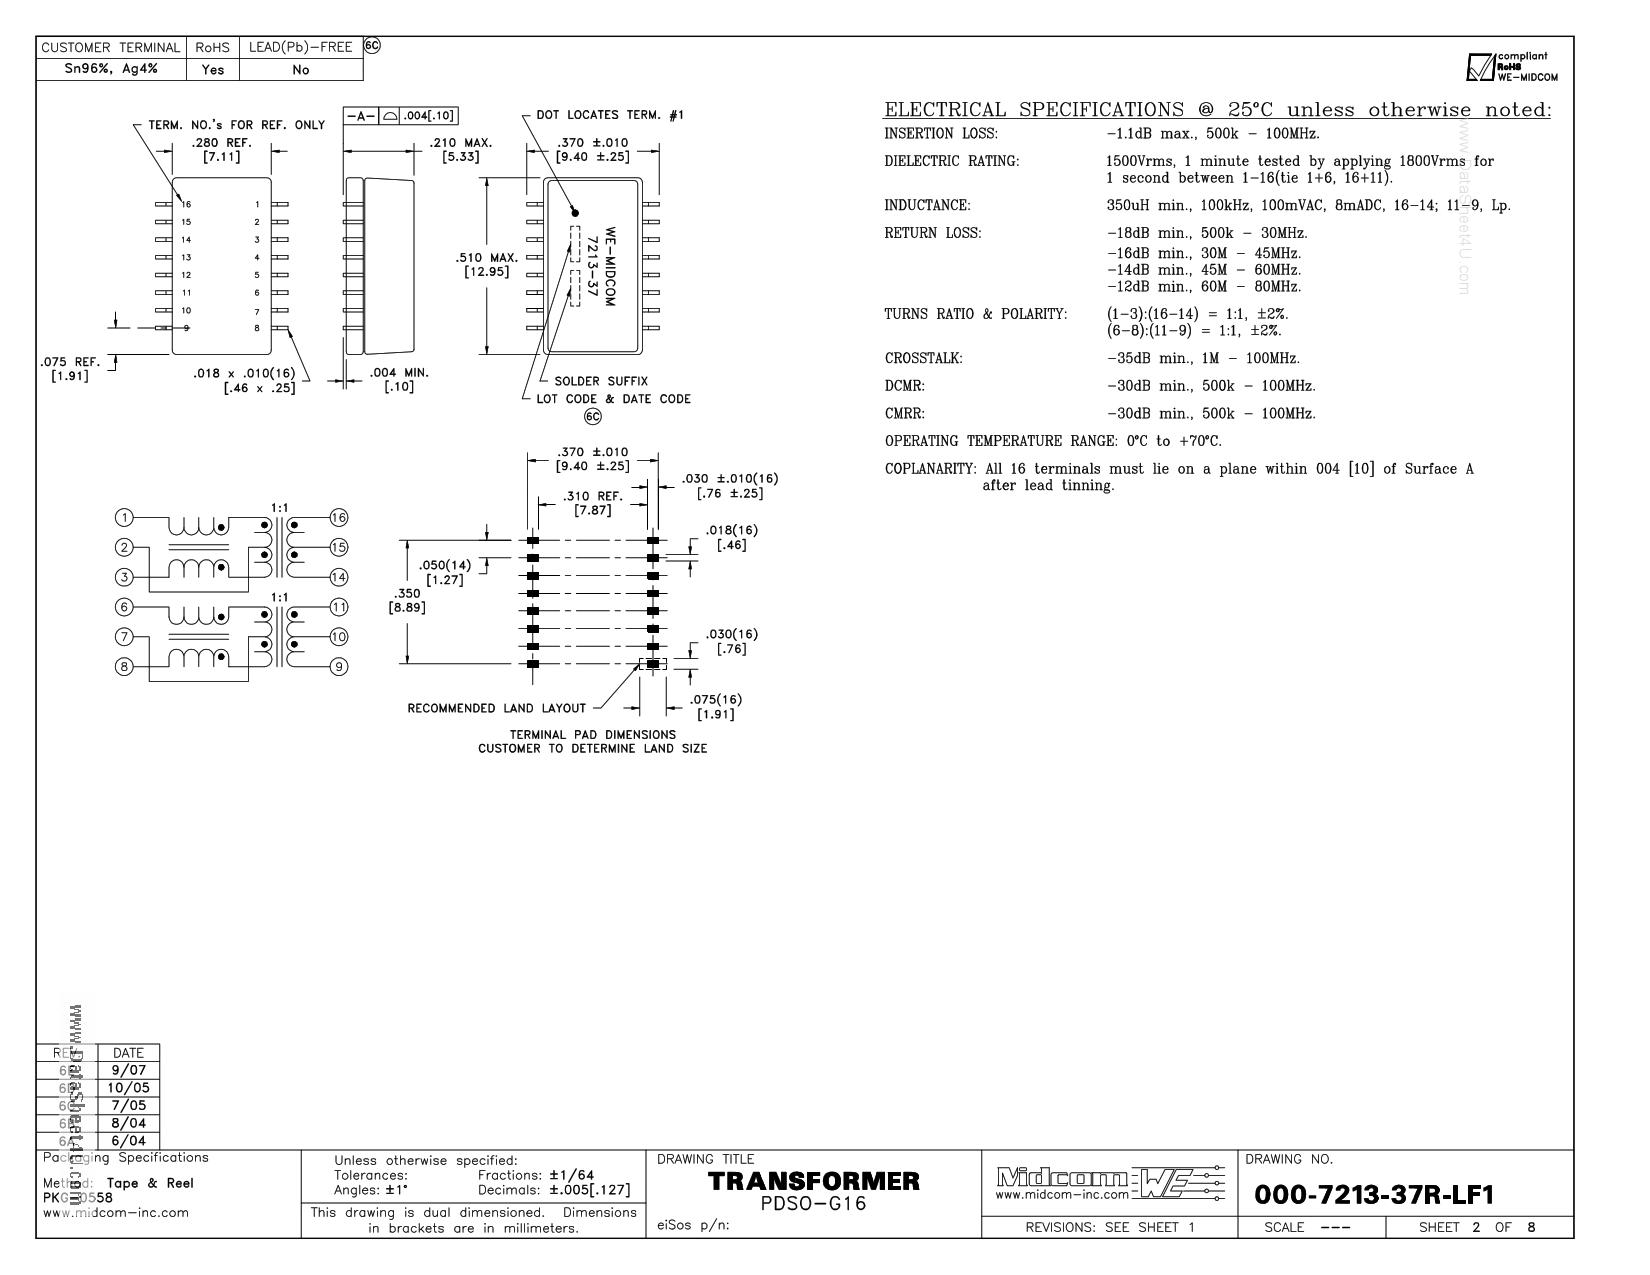 000-7213-37R-LF1 دیتاشیت PDF